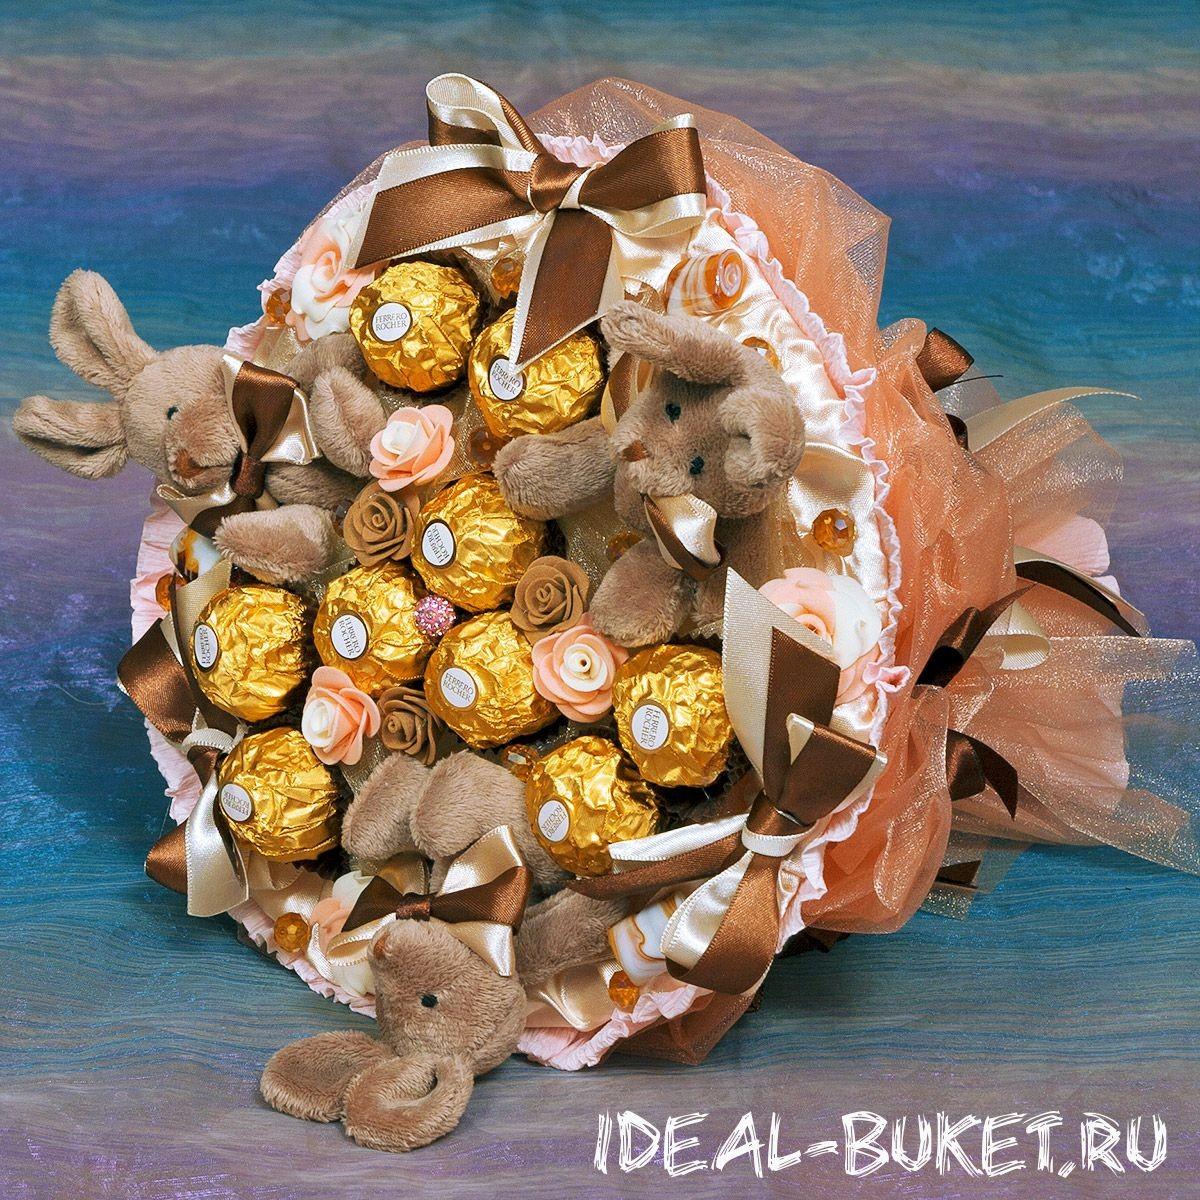 Букет Шоколадные зайцы - мини